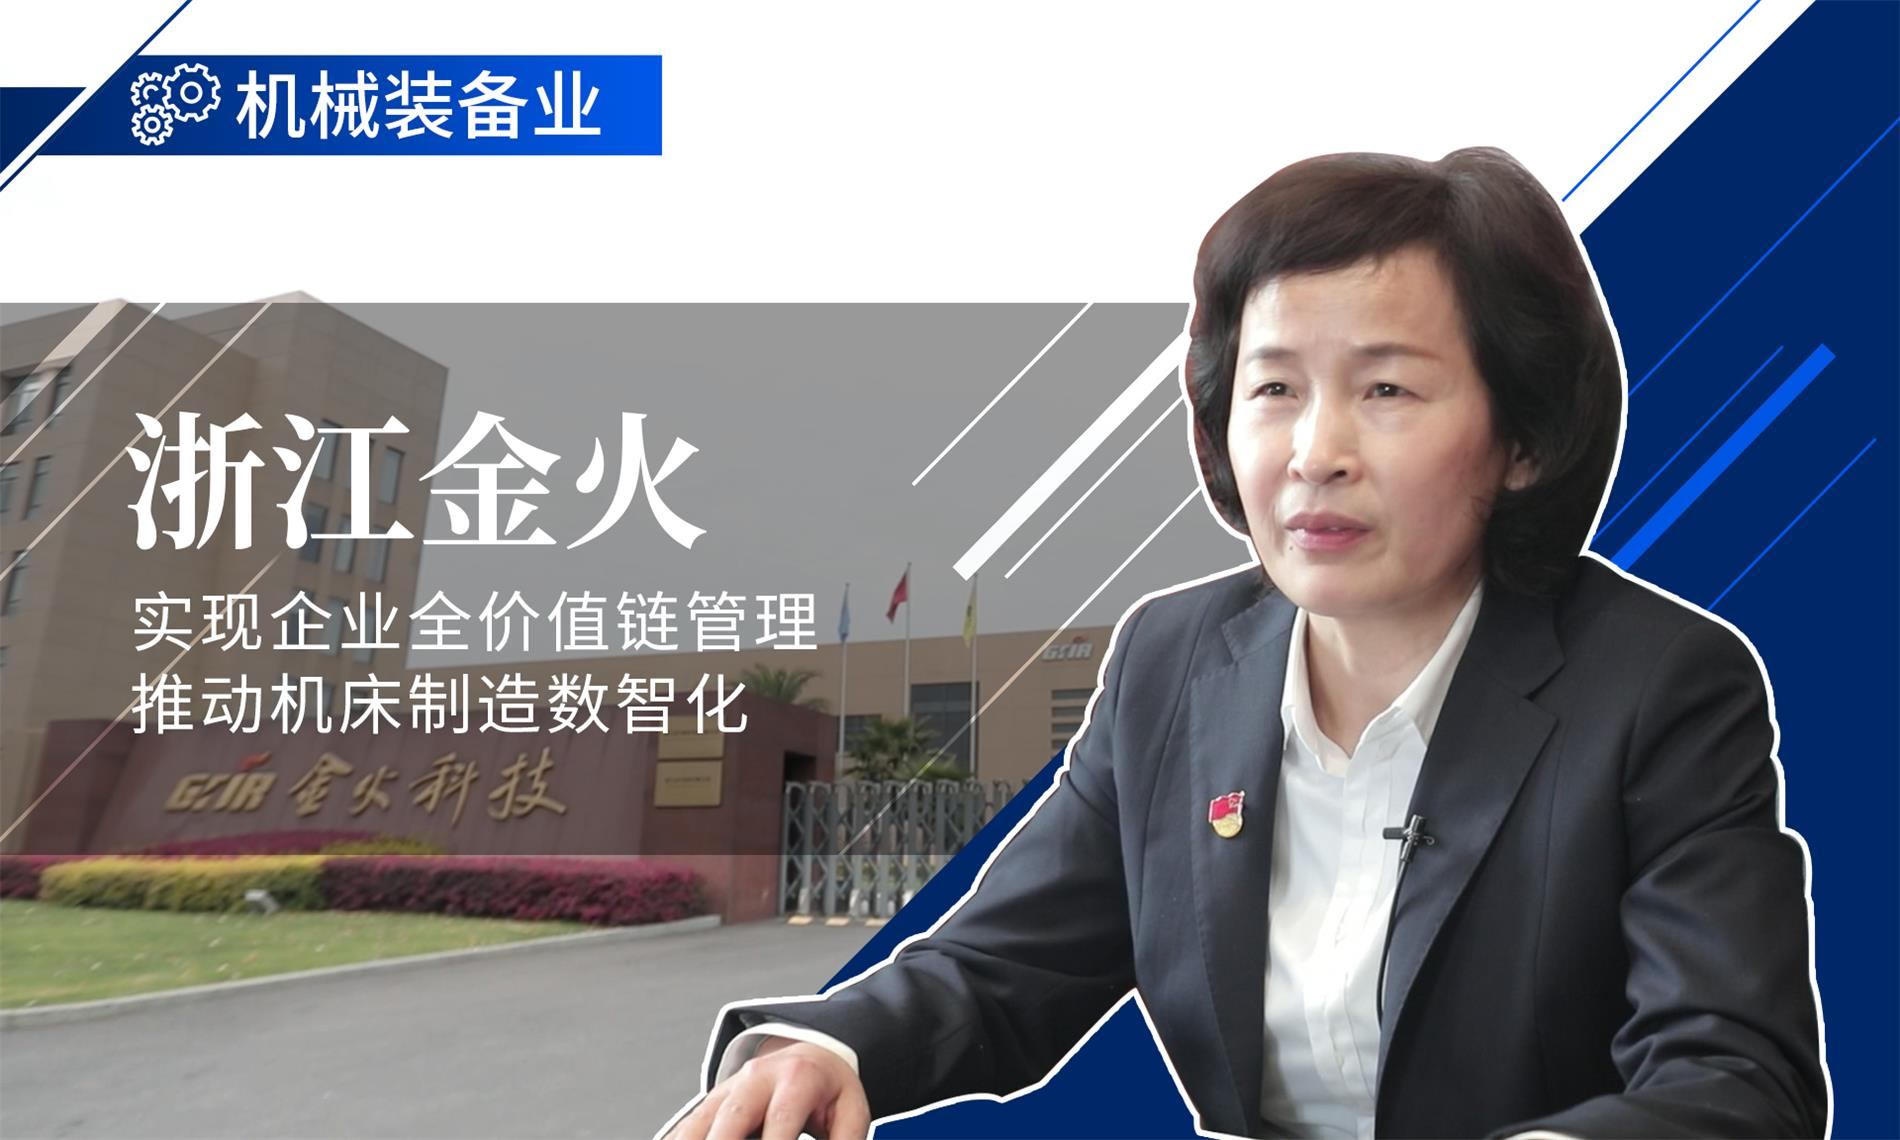 浙江金火高技术-打通集团数据一体化,助力生产智造提升